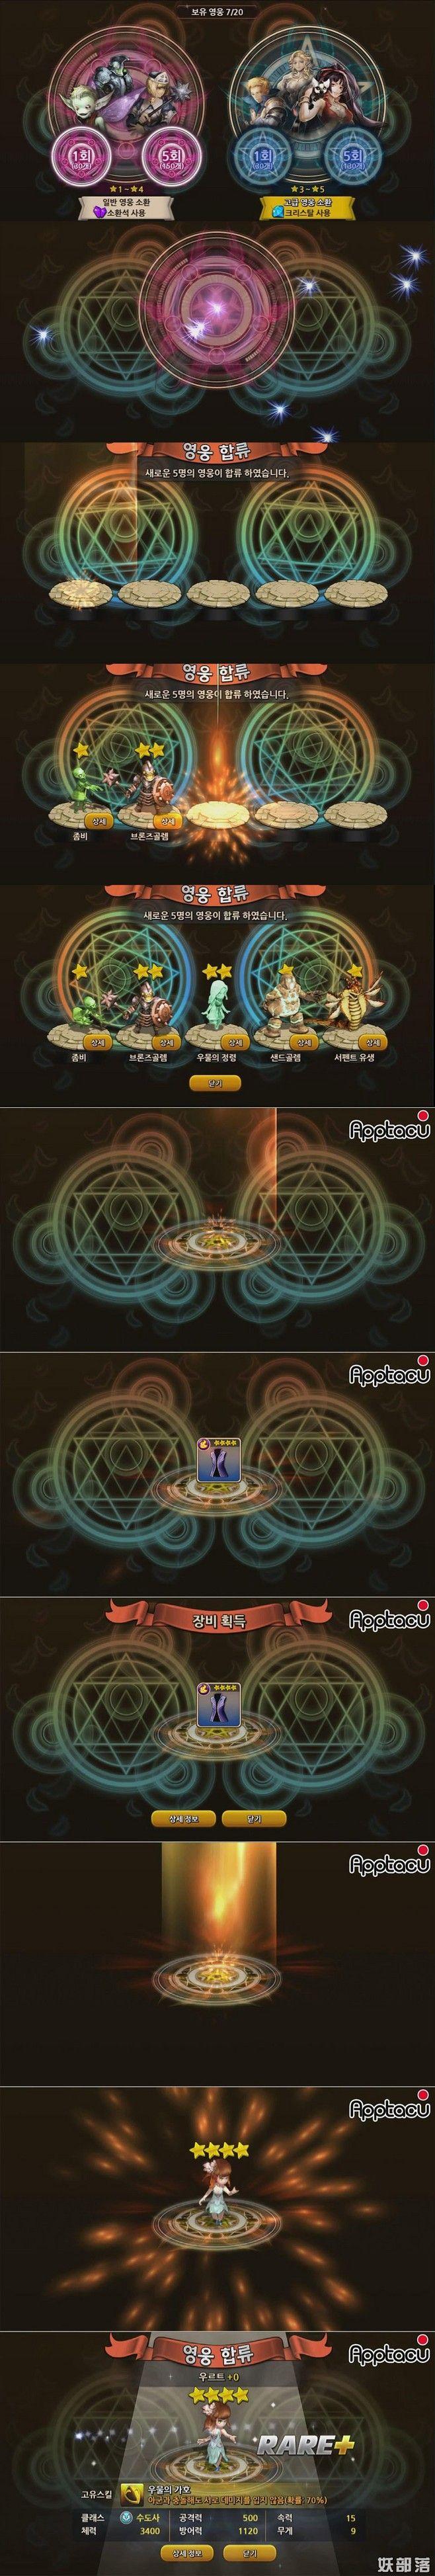 动作RPG游戏 《指尖骑士》 - 妖游录...